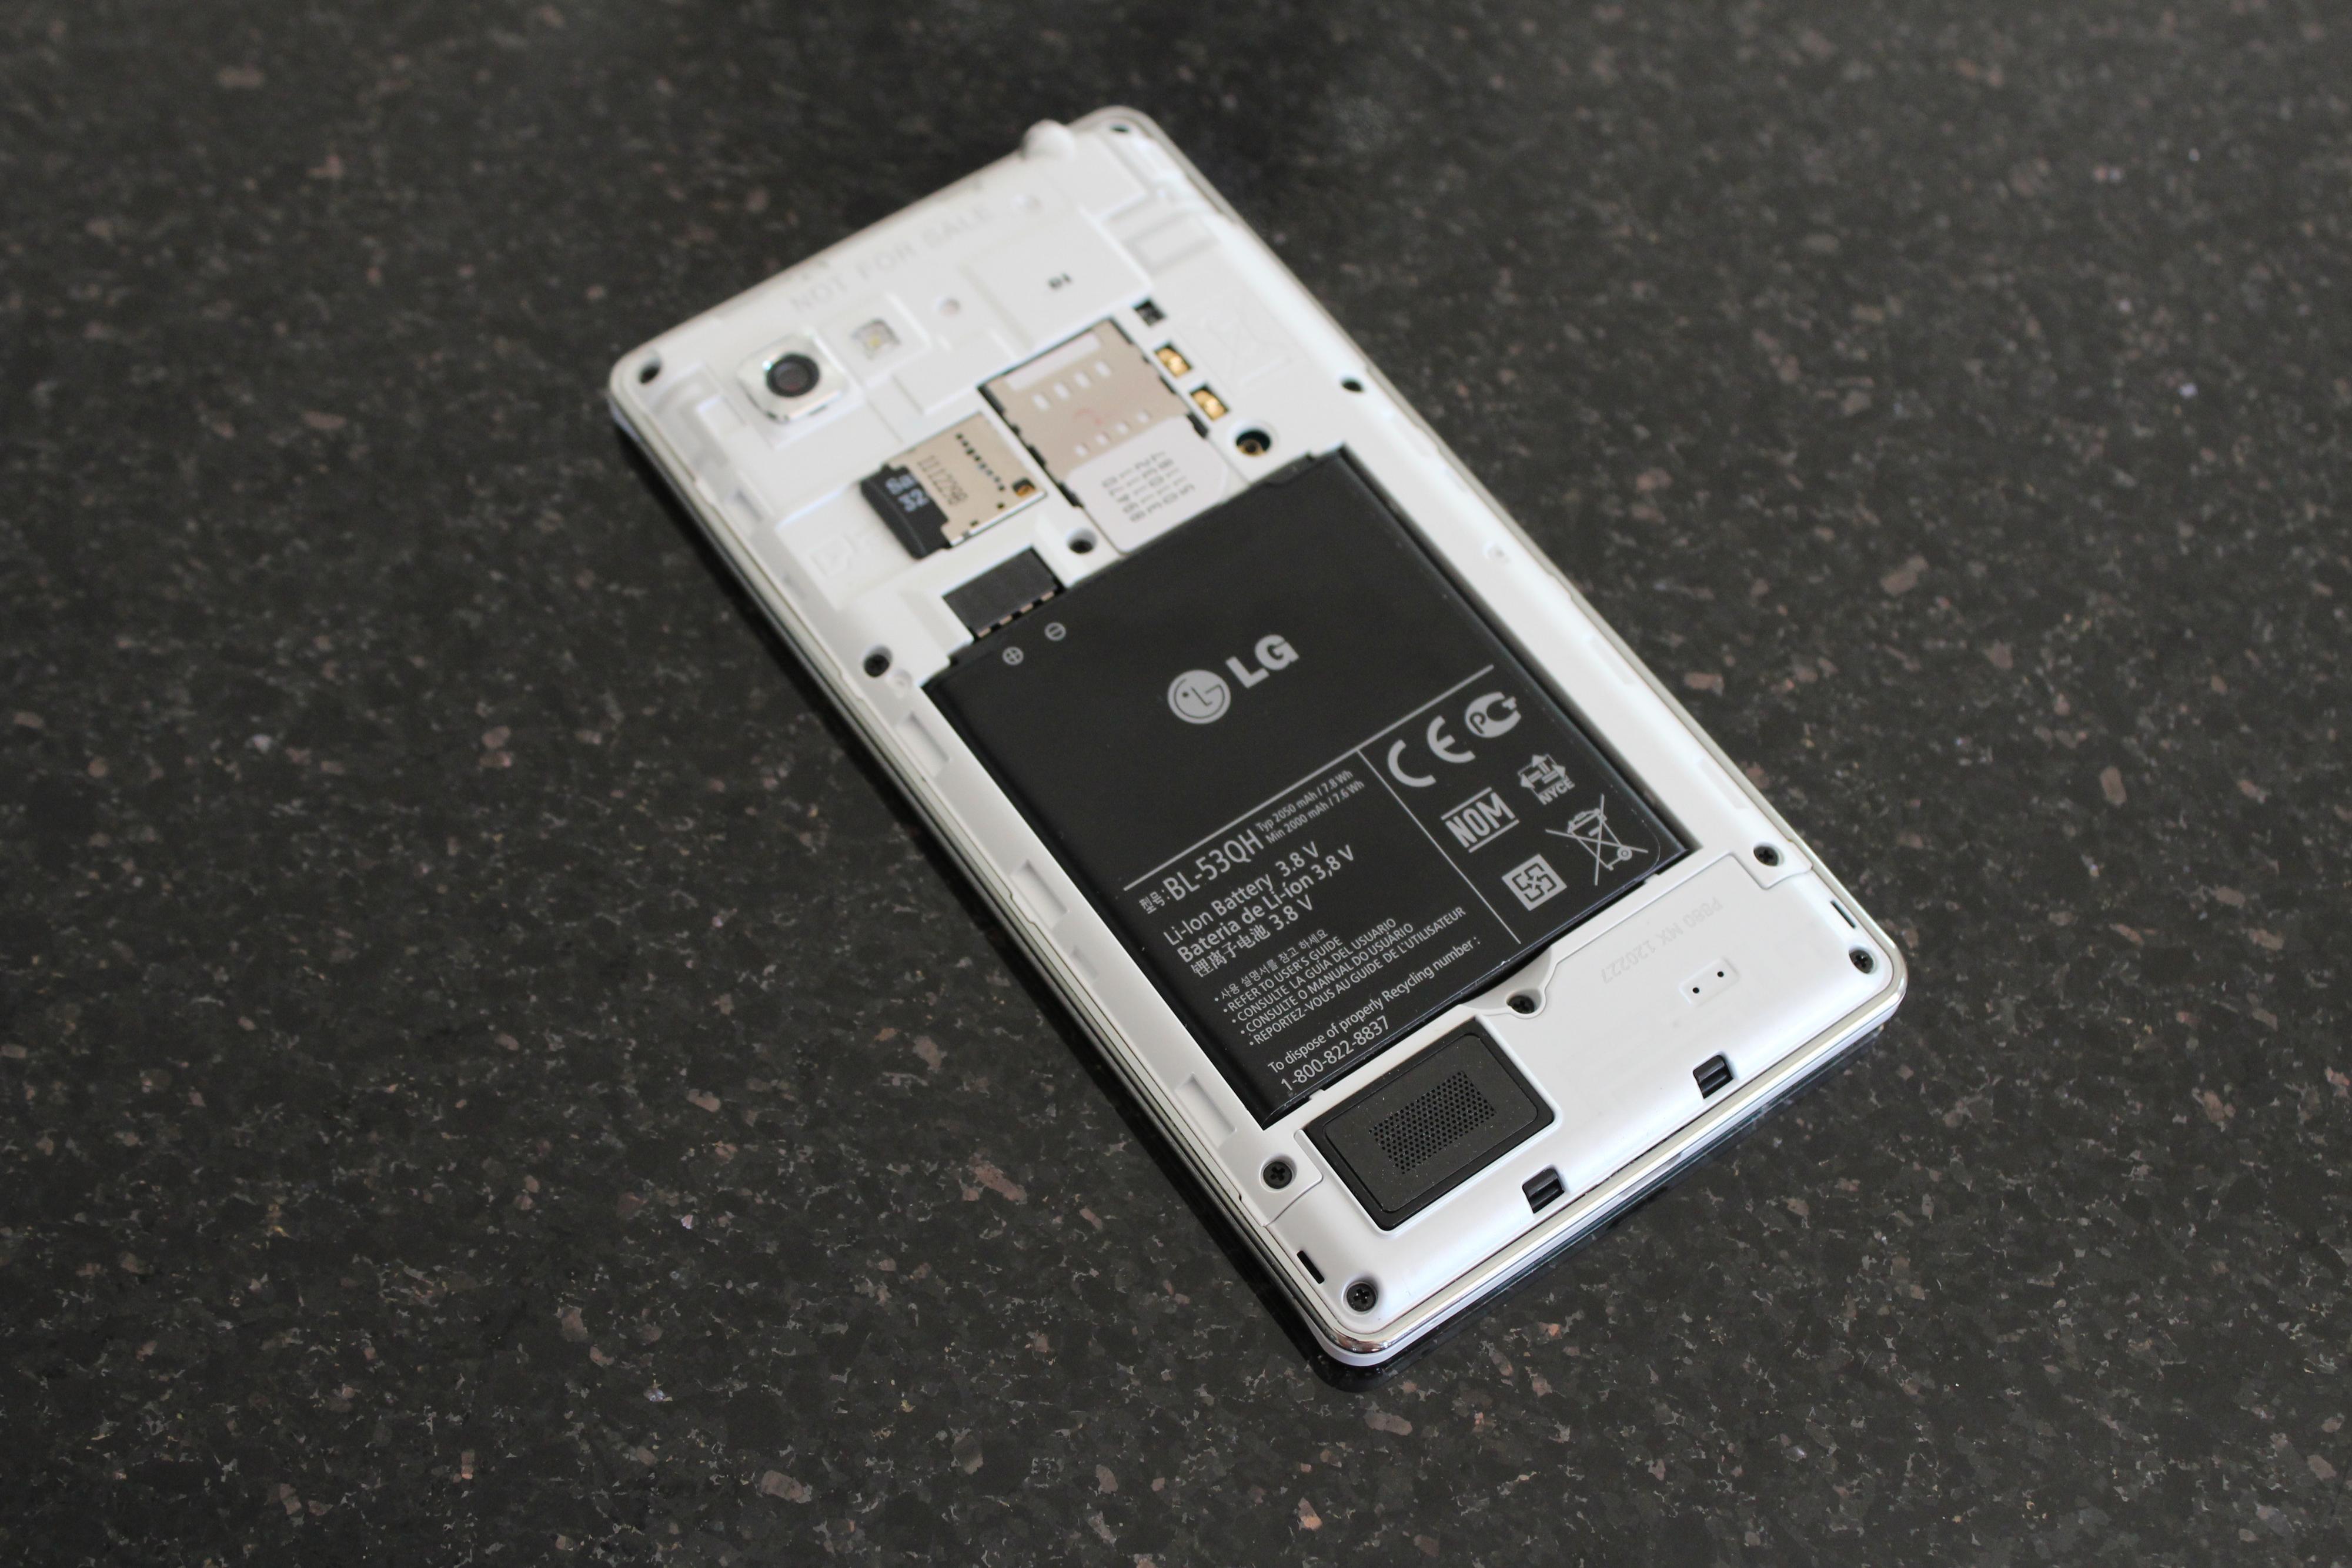 Batteriet er på hele 2140 mAh, som er større enn batteriene i både Samsung Galaxy S III og HTC One X.